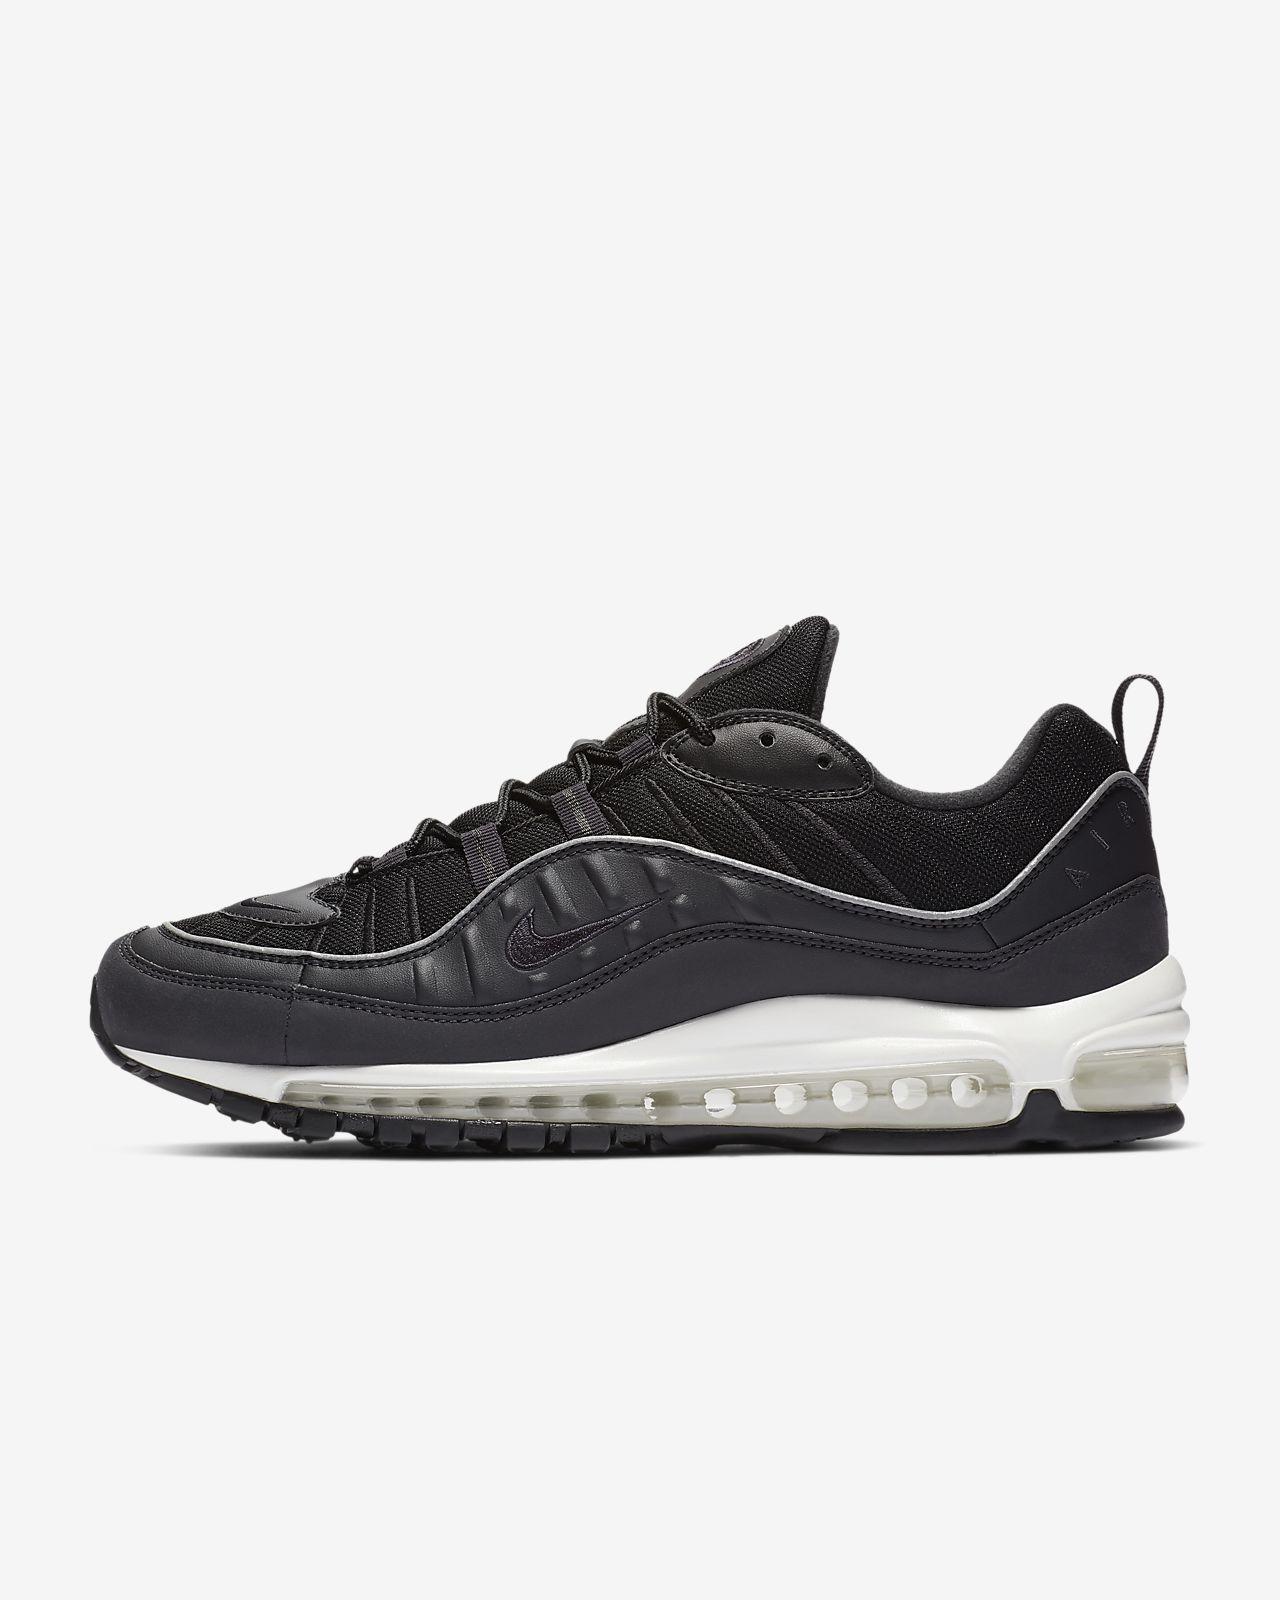 premium selection b205b 7534c ... Nike Air Max 98 Men s Shoe